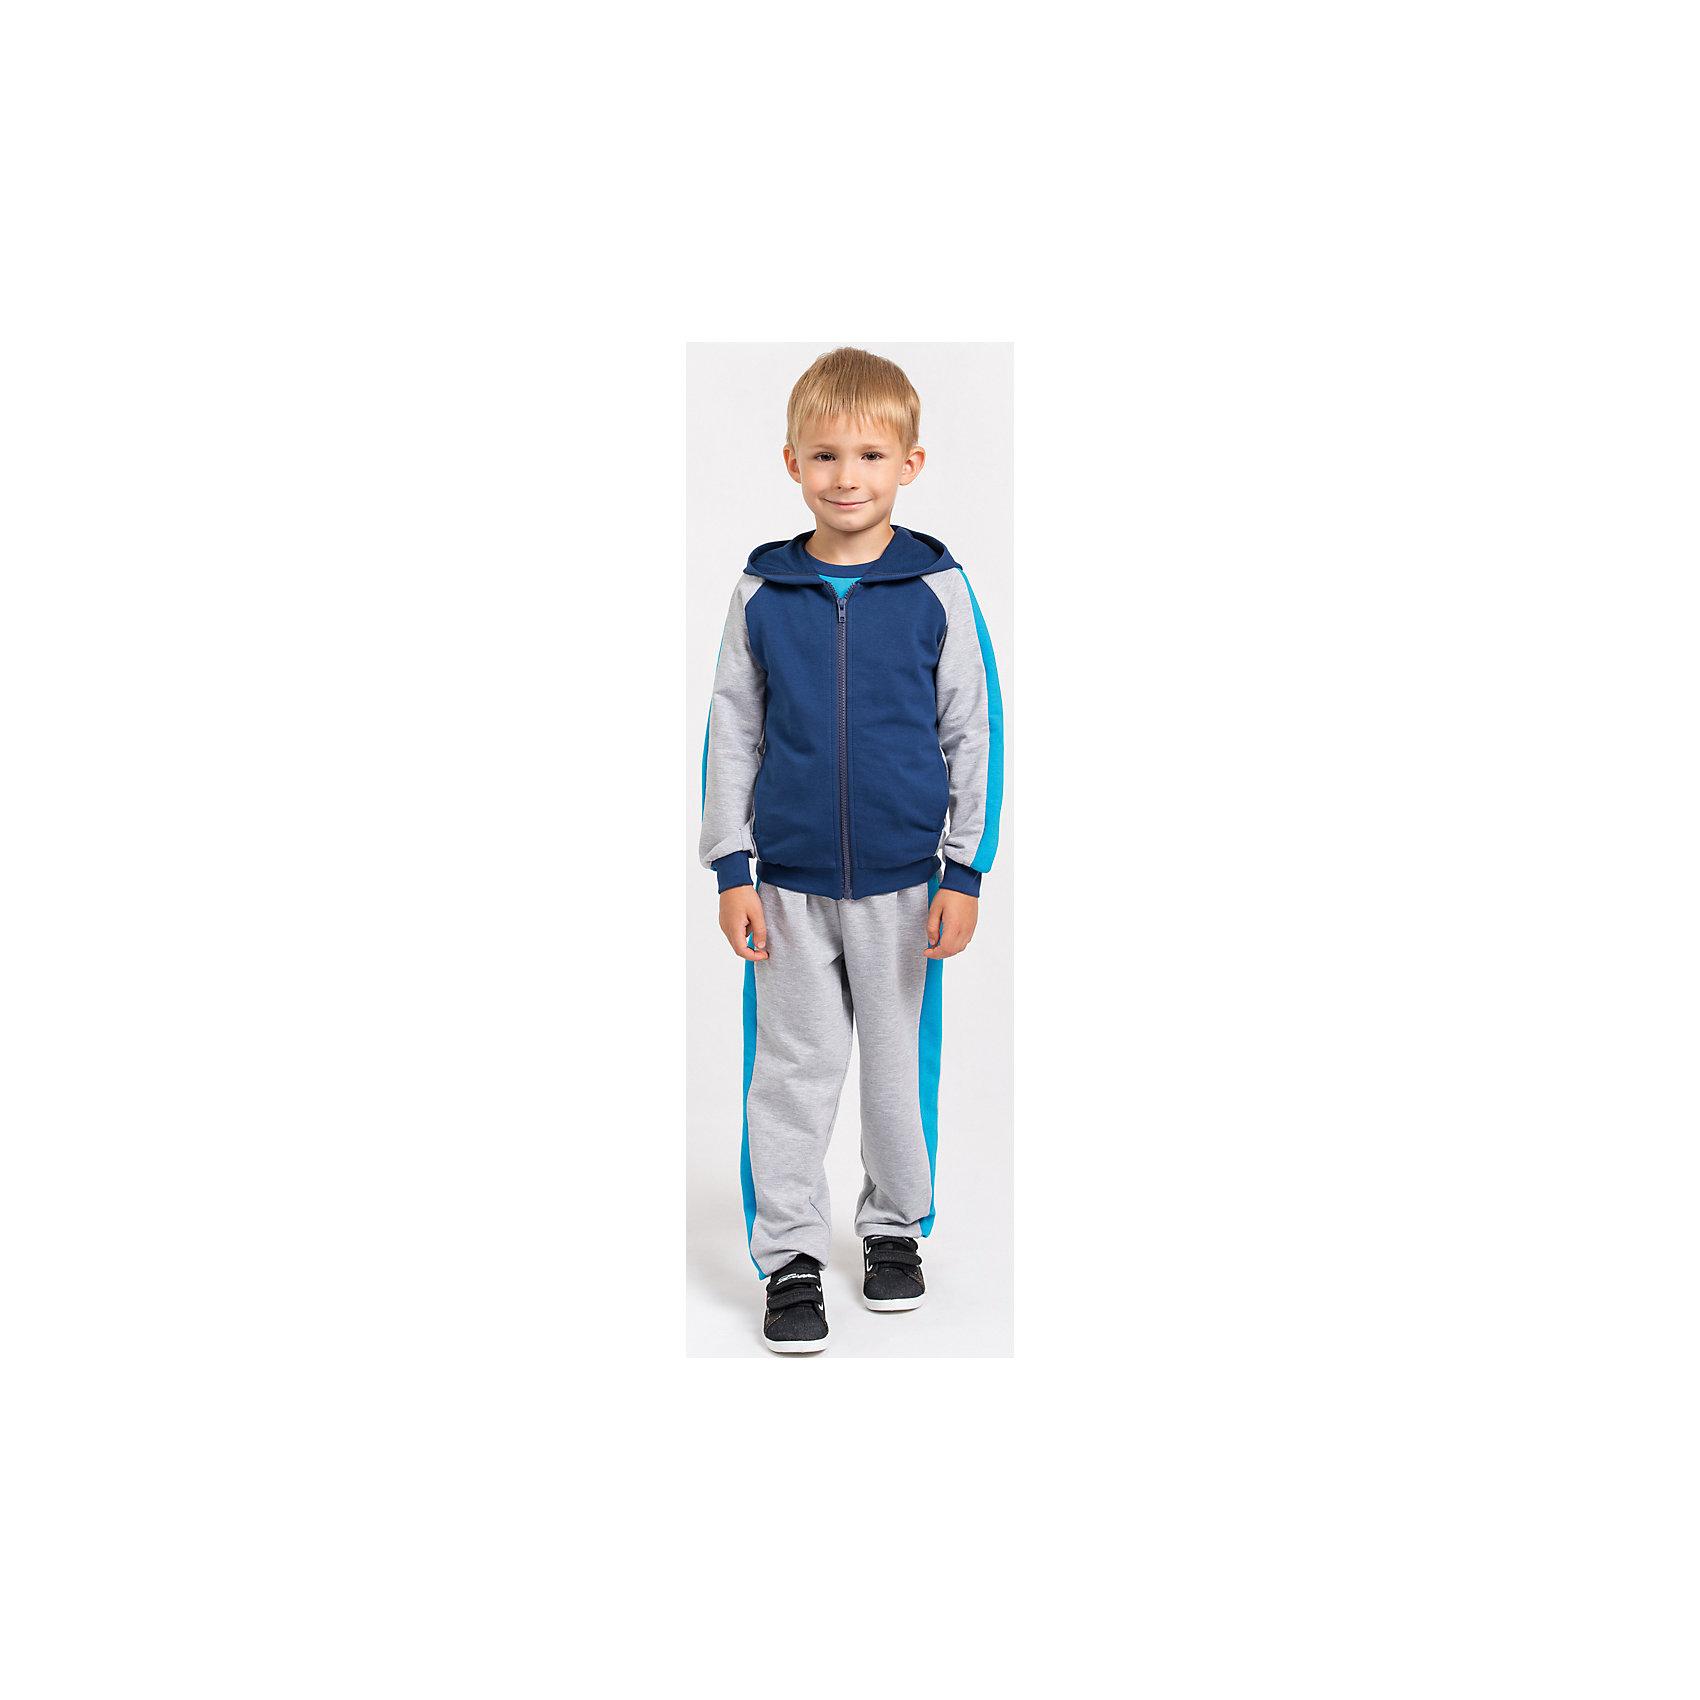 Goldy Спортивный костюм для мальчика goldy белый с голубыми манжетами